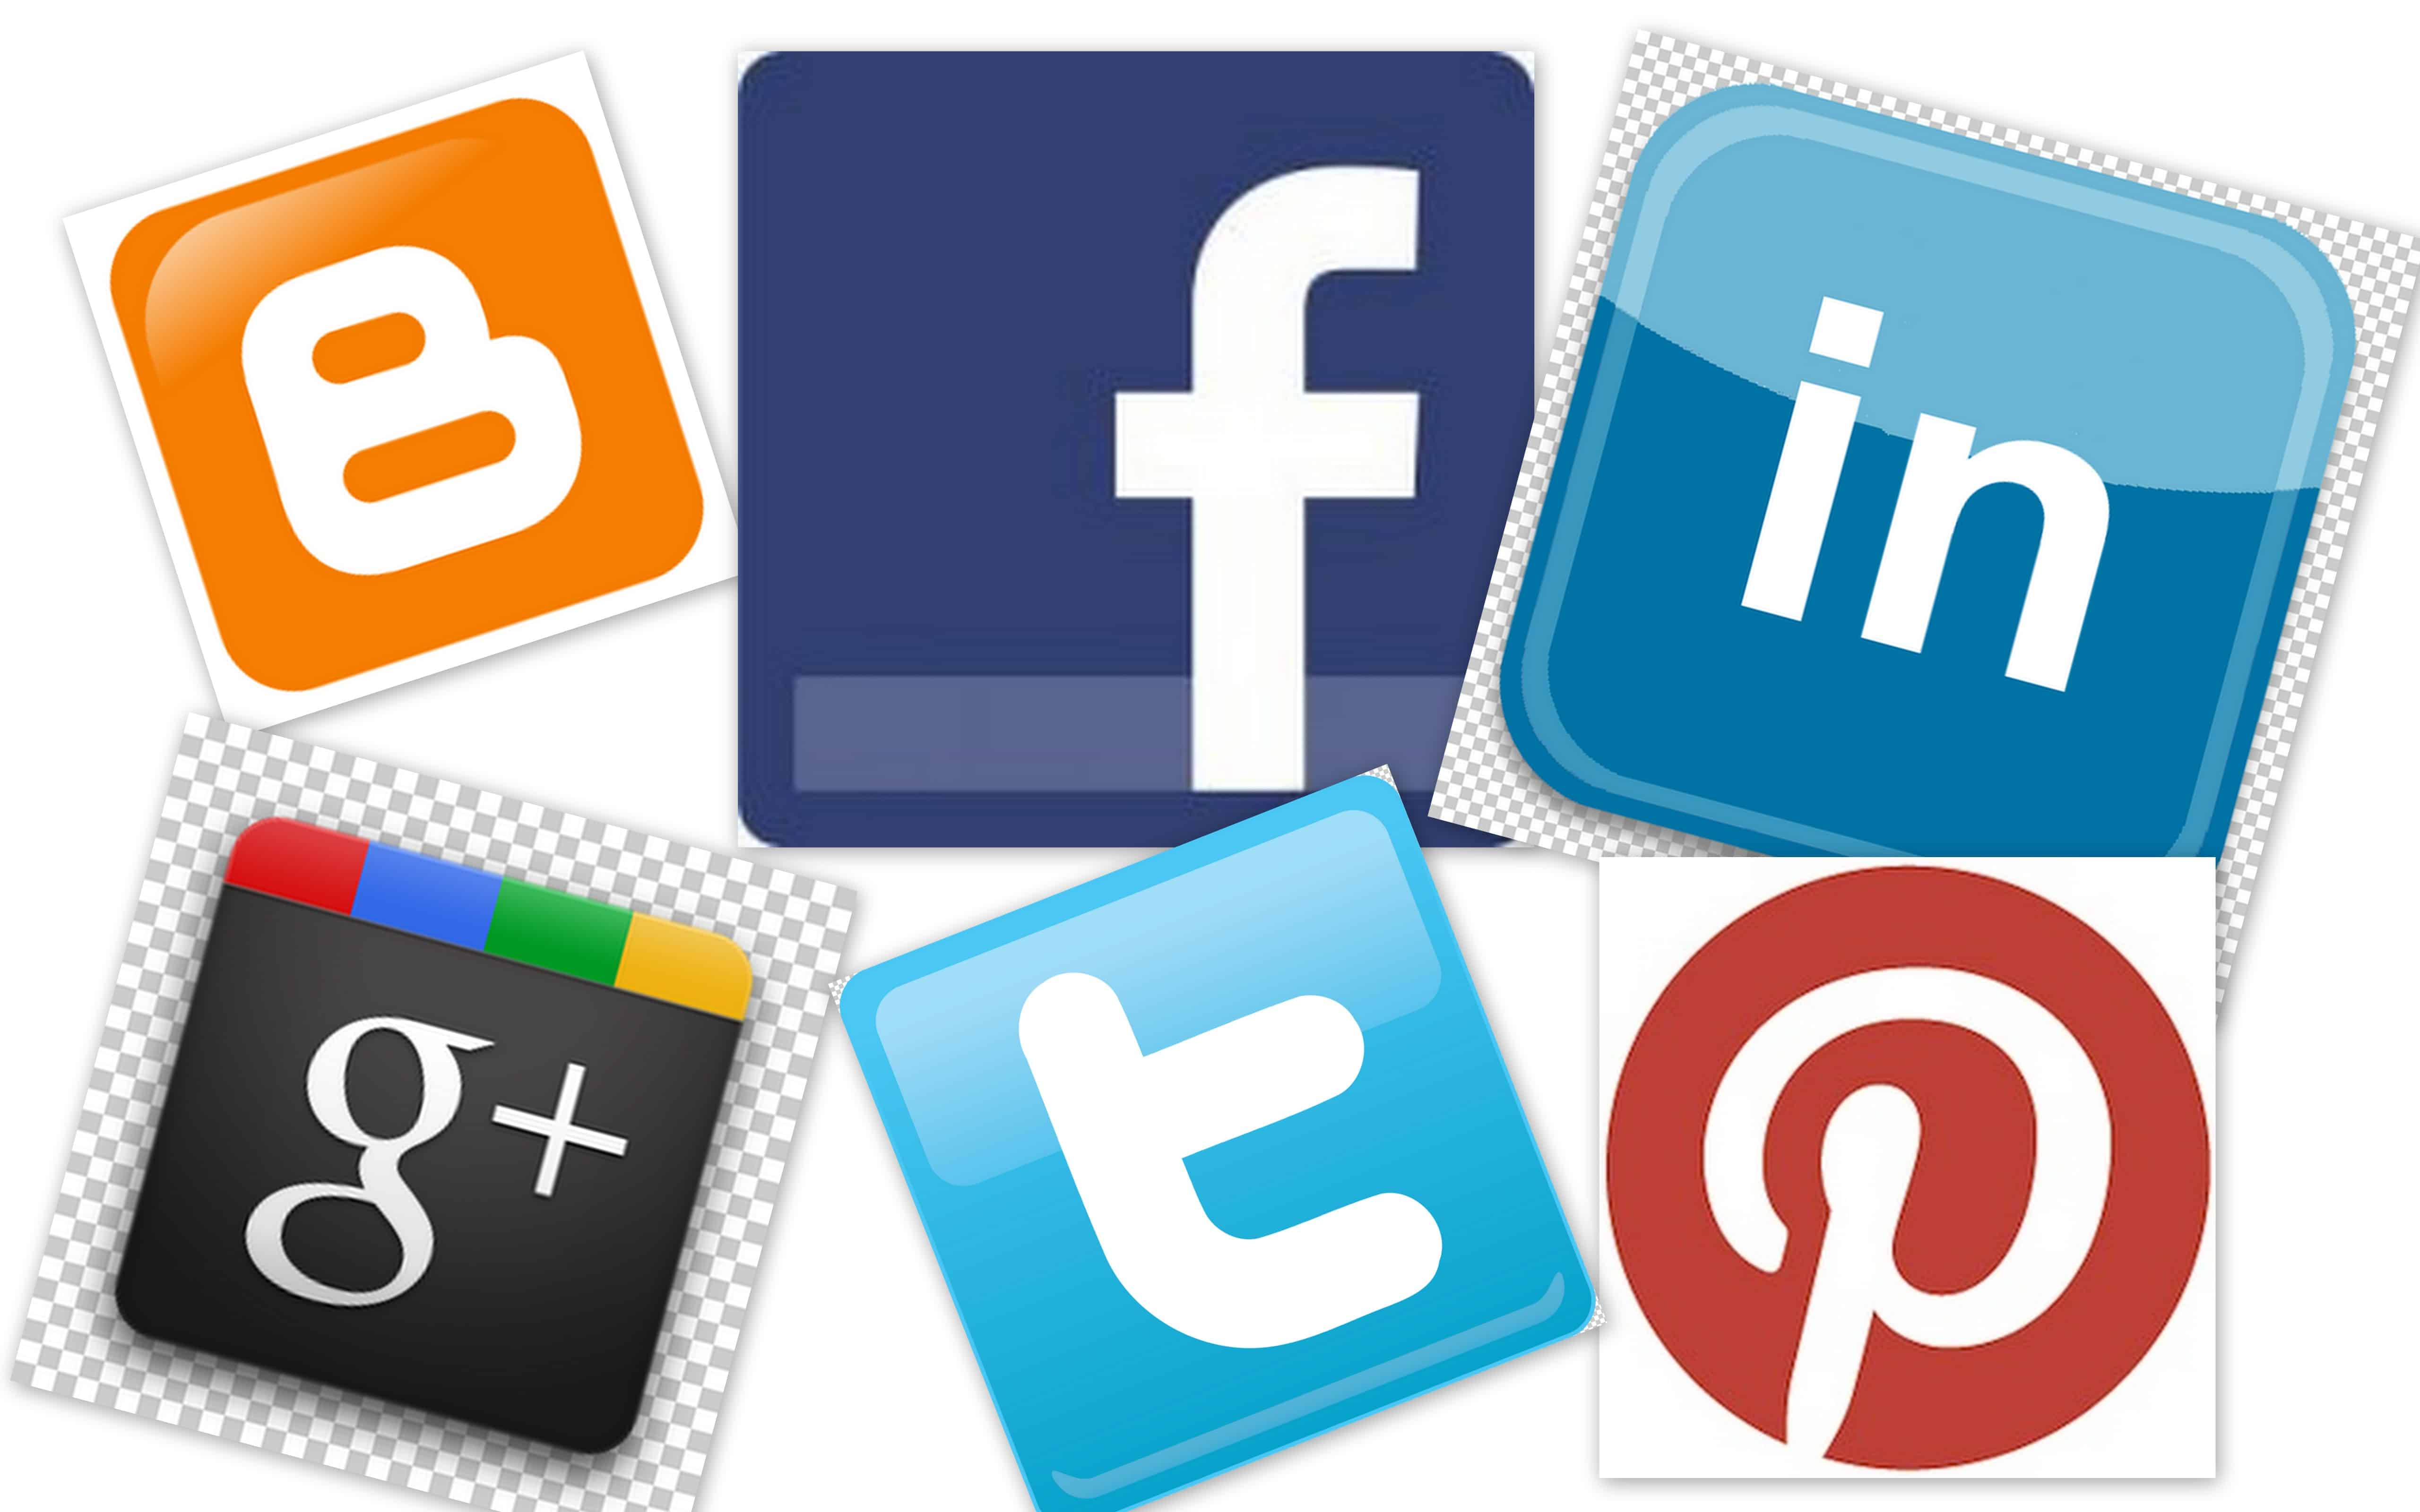 Les consommateurs sont de plus en plus souvent sur les réseaux sociaux